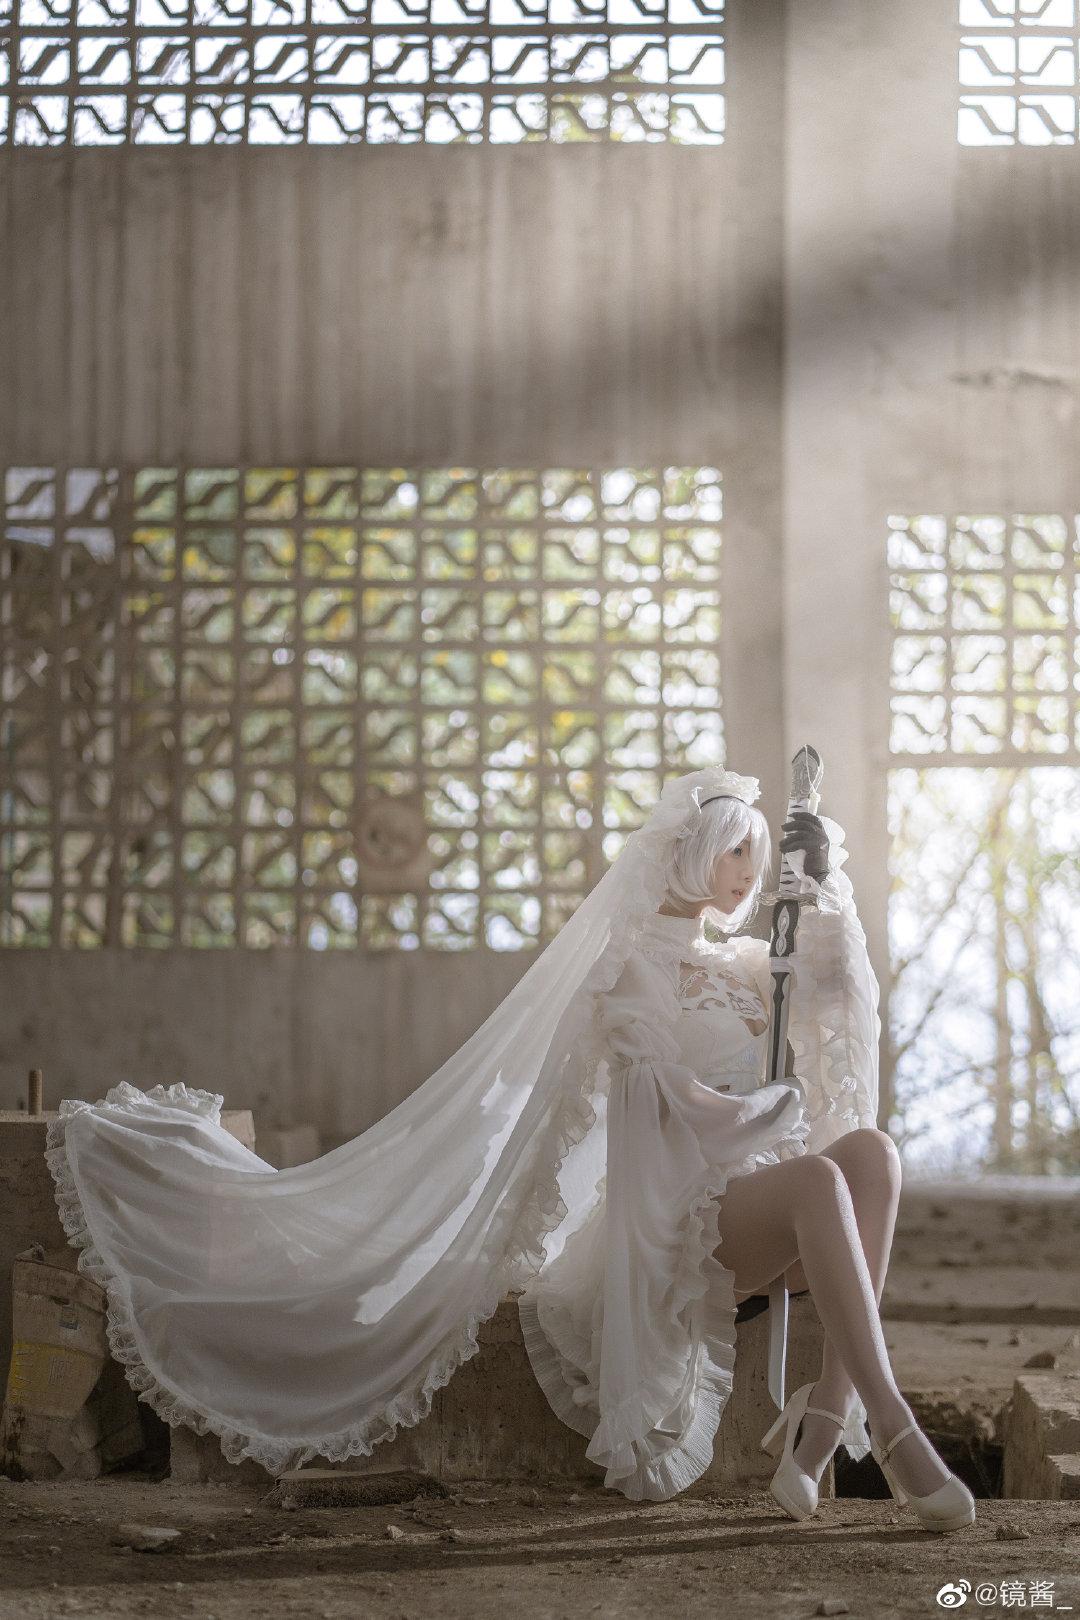 [COS]镜酱 #尼尔:机械纪元#2b白色婚纱 COSPLAY-第1张